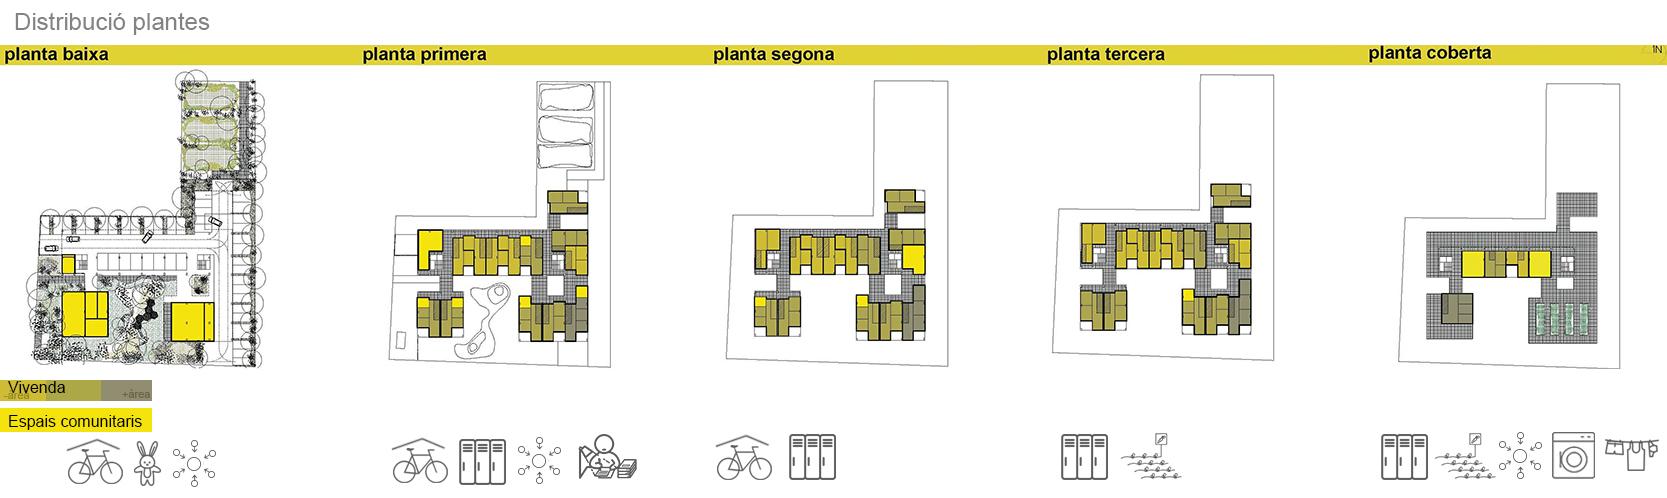 ARQUITECTURA_Concurs Eivissa_4_distrib